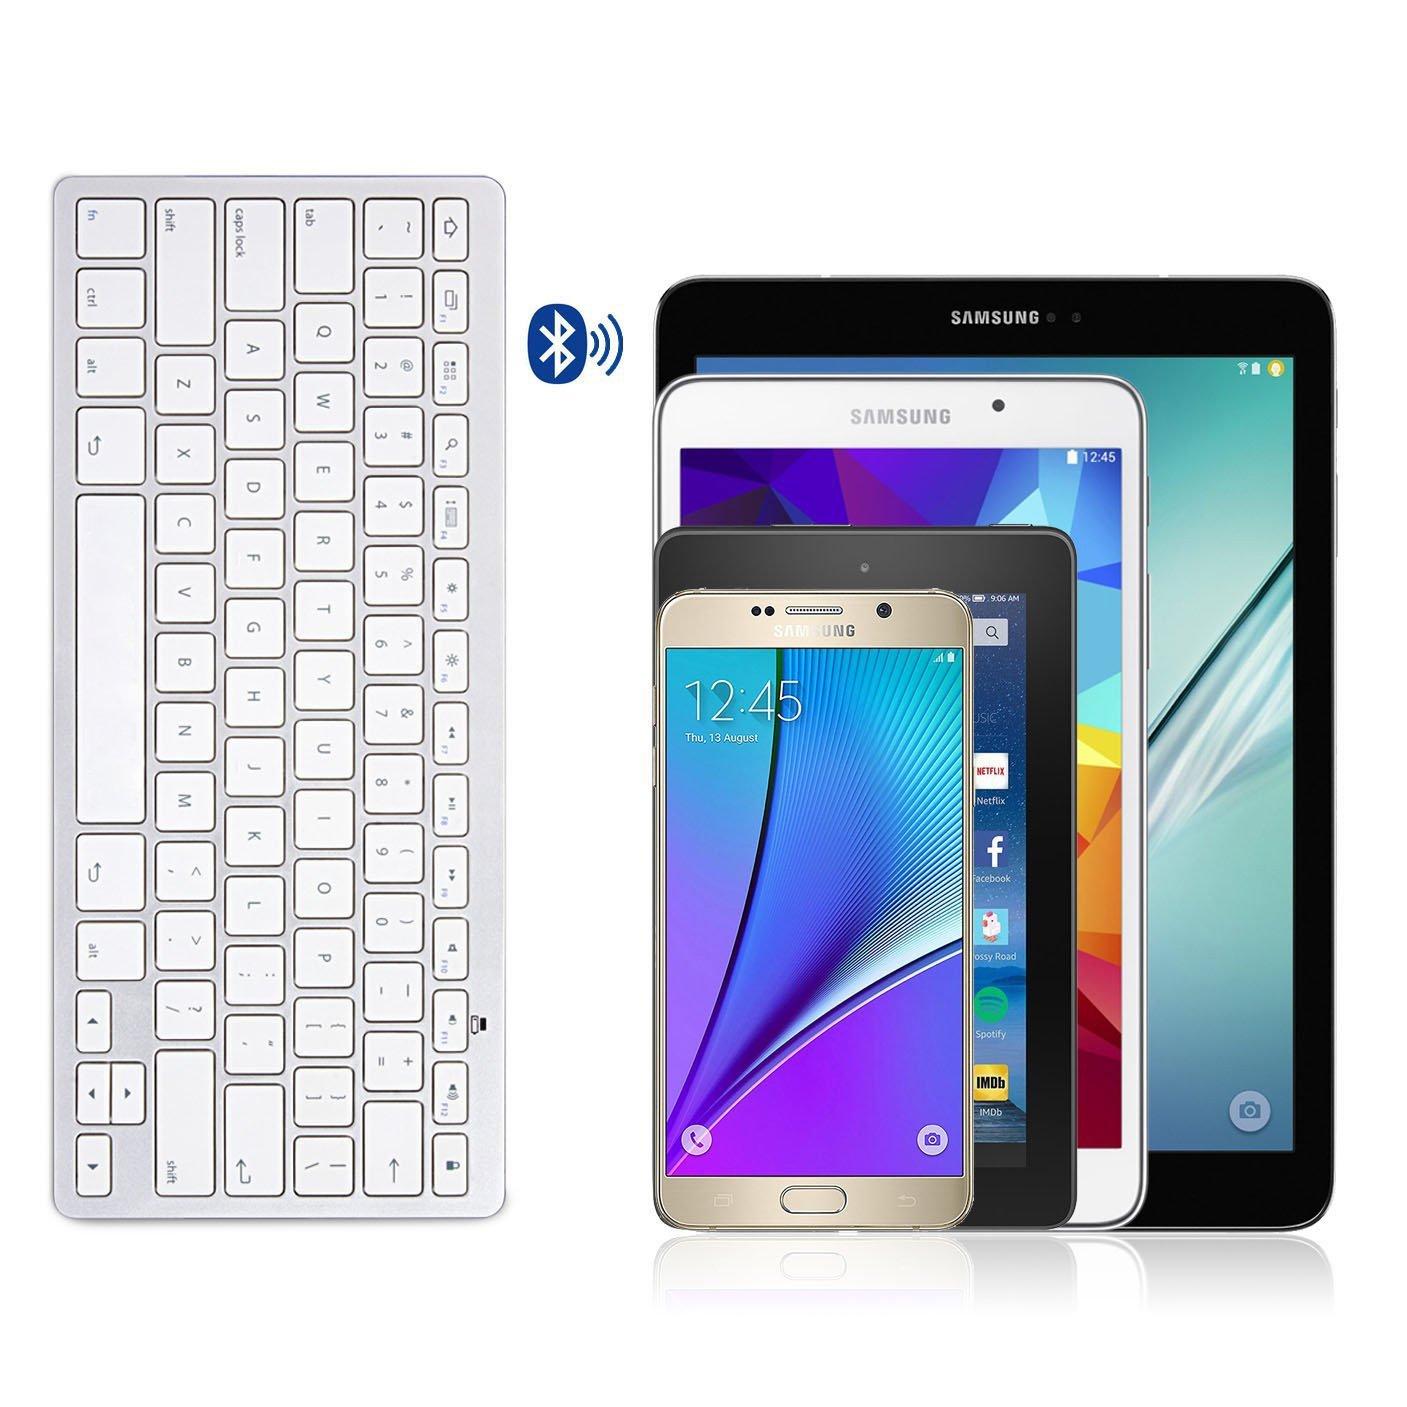 Amazon.com: omoton Ultra-Slim Teclado Bluetooth para Samsung ...